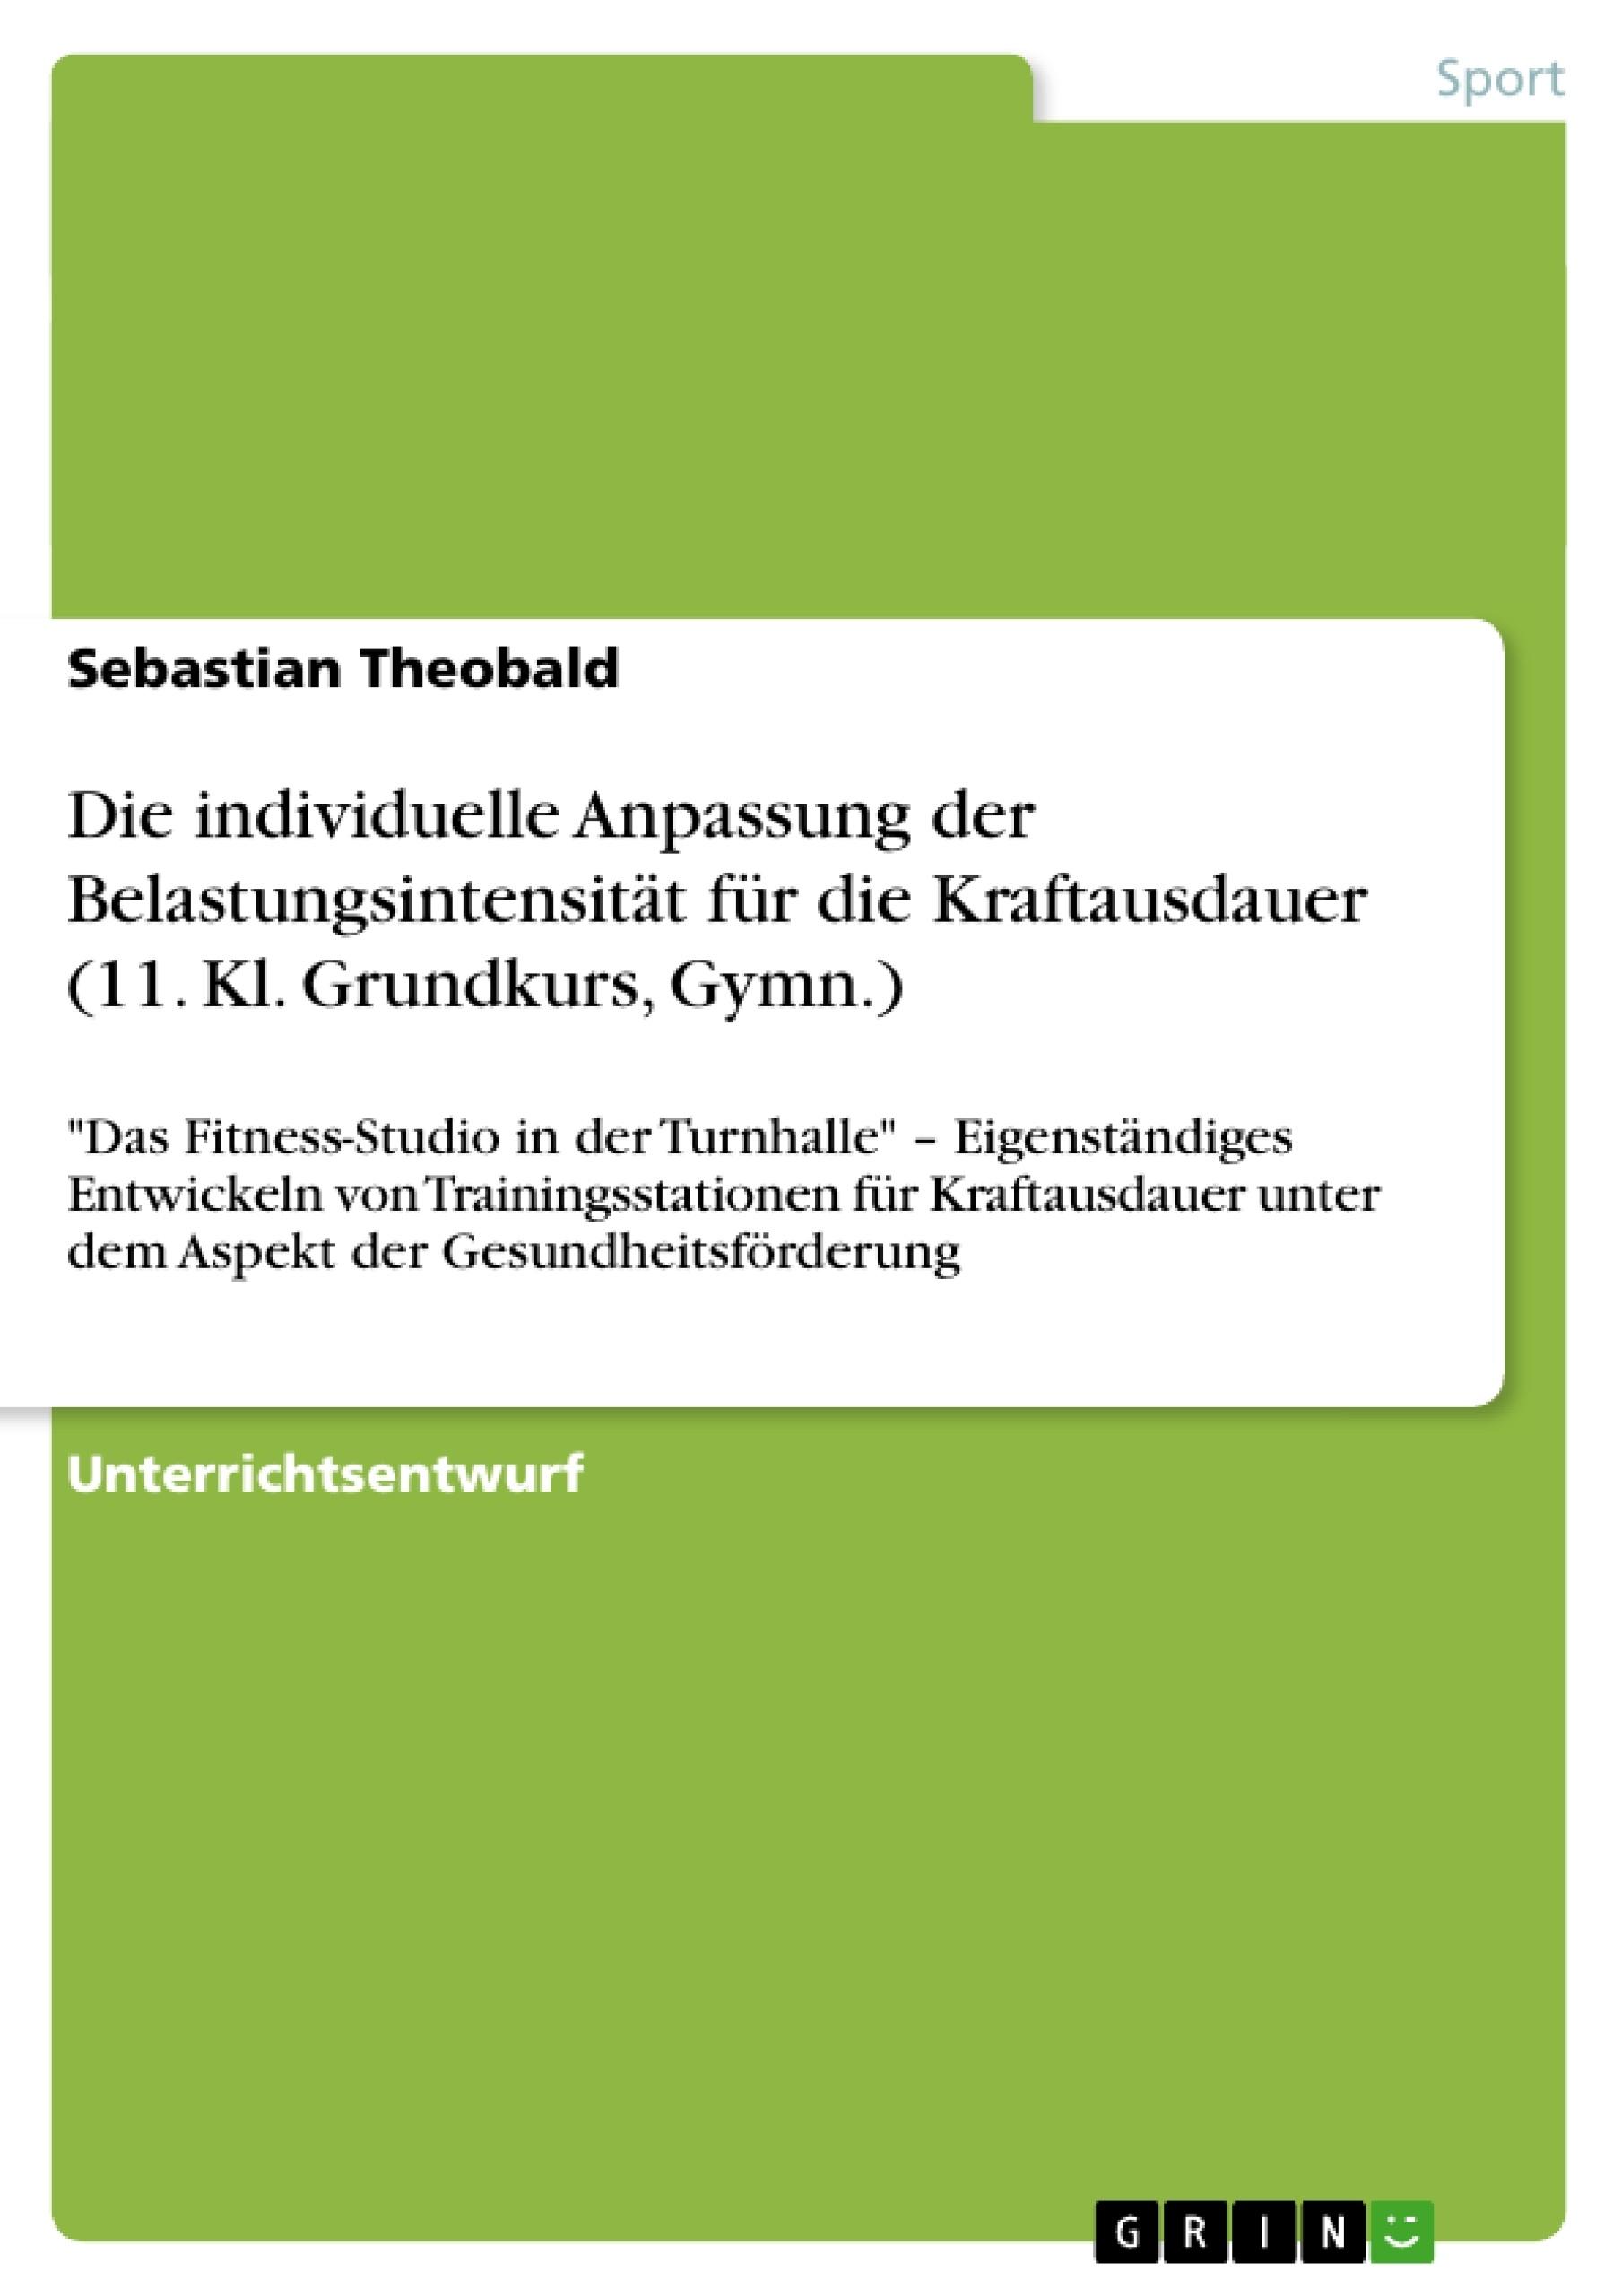 Titel: Die individuelle Anpassung der Belastungsintensität für die Kraftausdauer (11. Kl. Grundkurs, Gymn.)